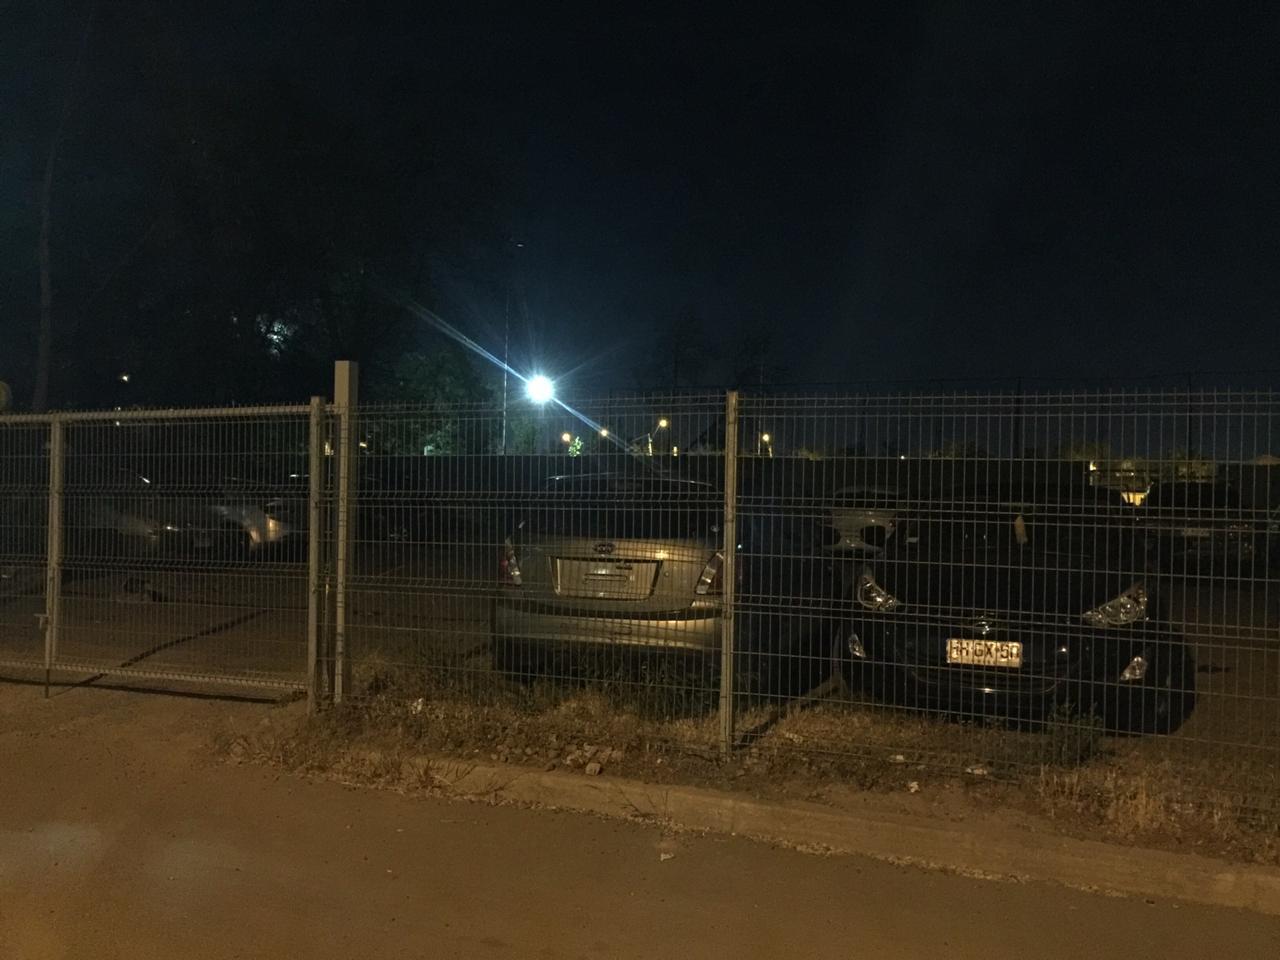 Uno de los tres autos sin patente que este medio observó en el estacionamiento de la 51° Comisaría de Pedro Aguirre Cerda. Foto: Interferencia